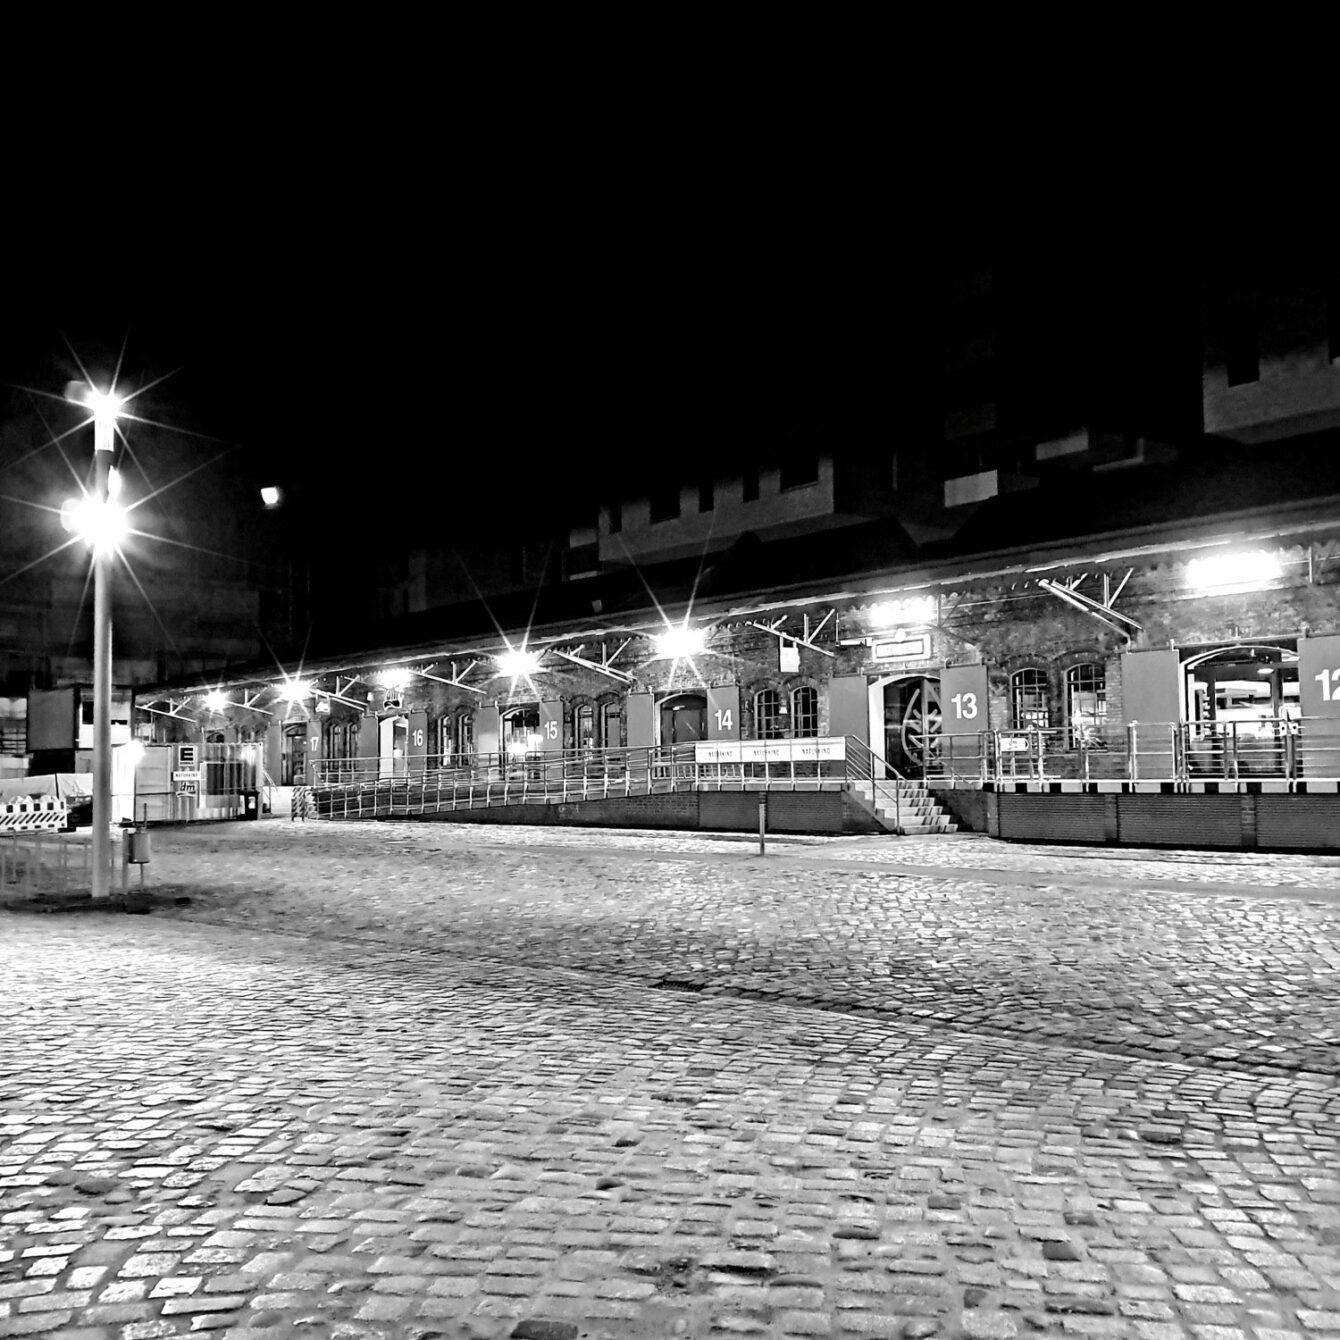 Empty parking lot, Hamburg-Altona